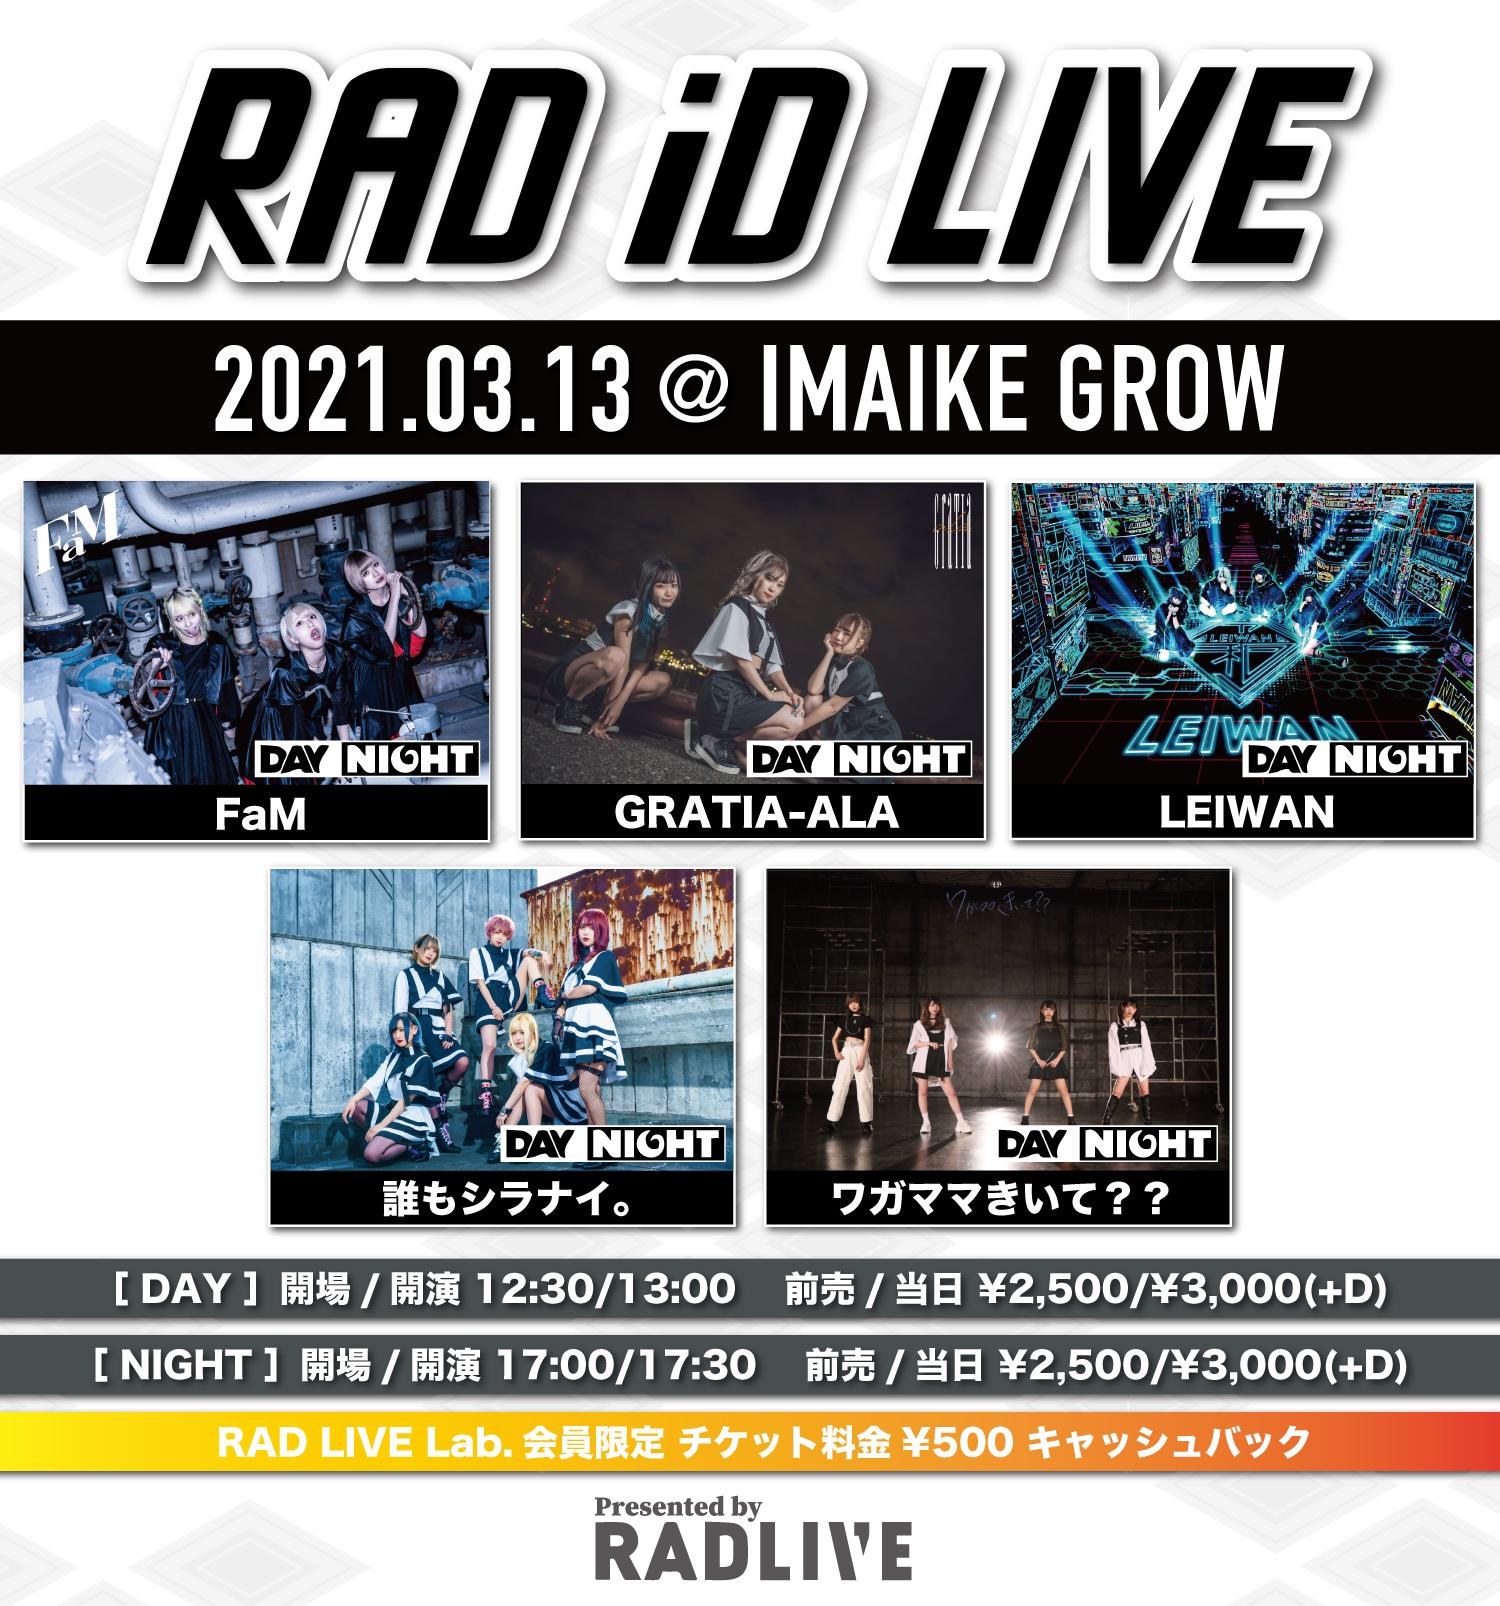 RAD iD LIVE[NIGHT]